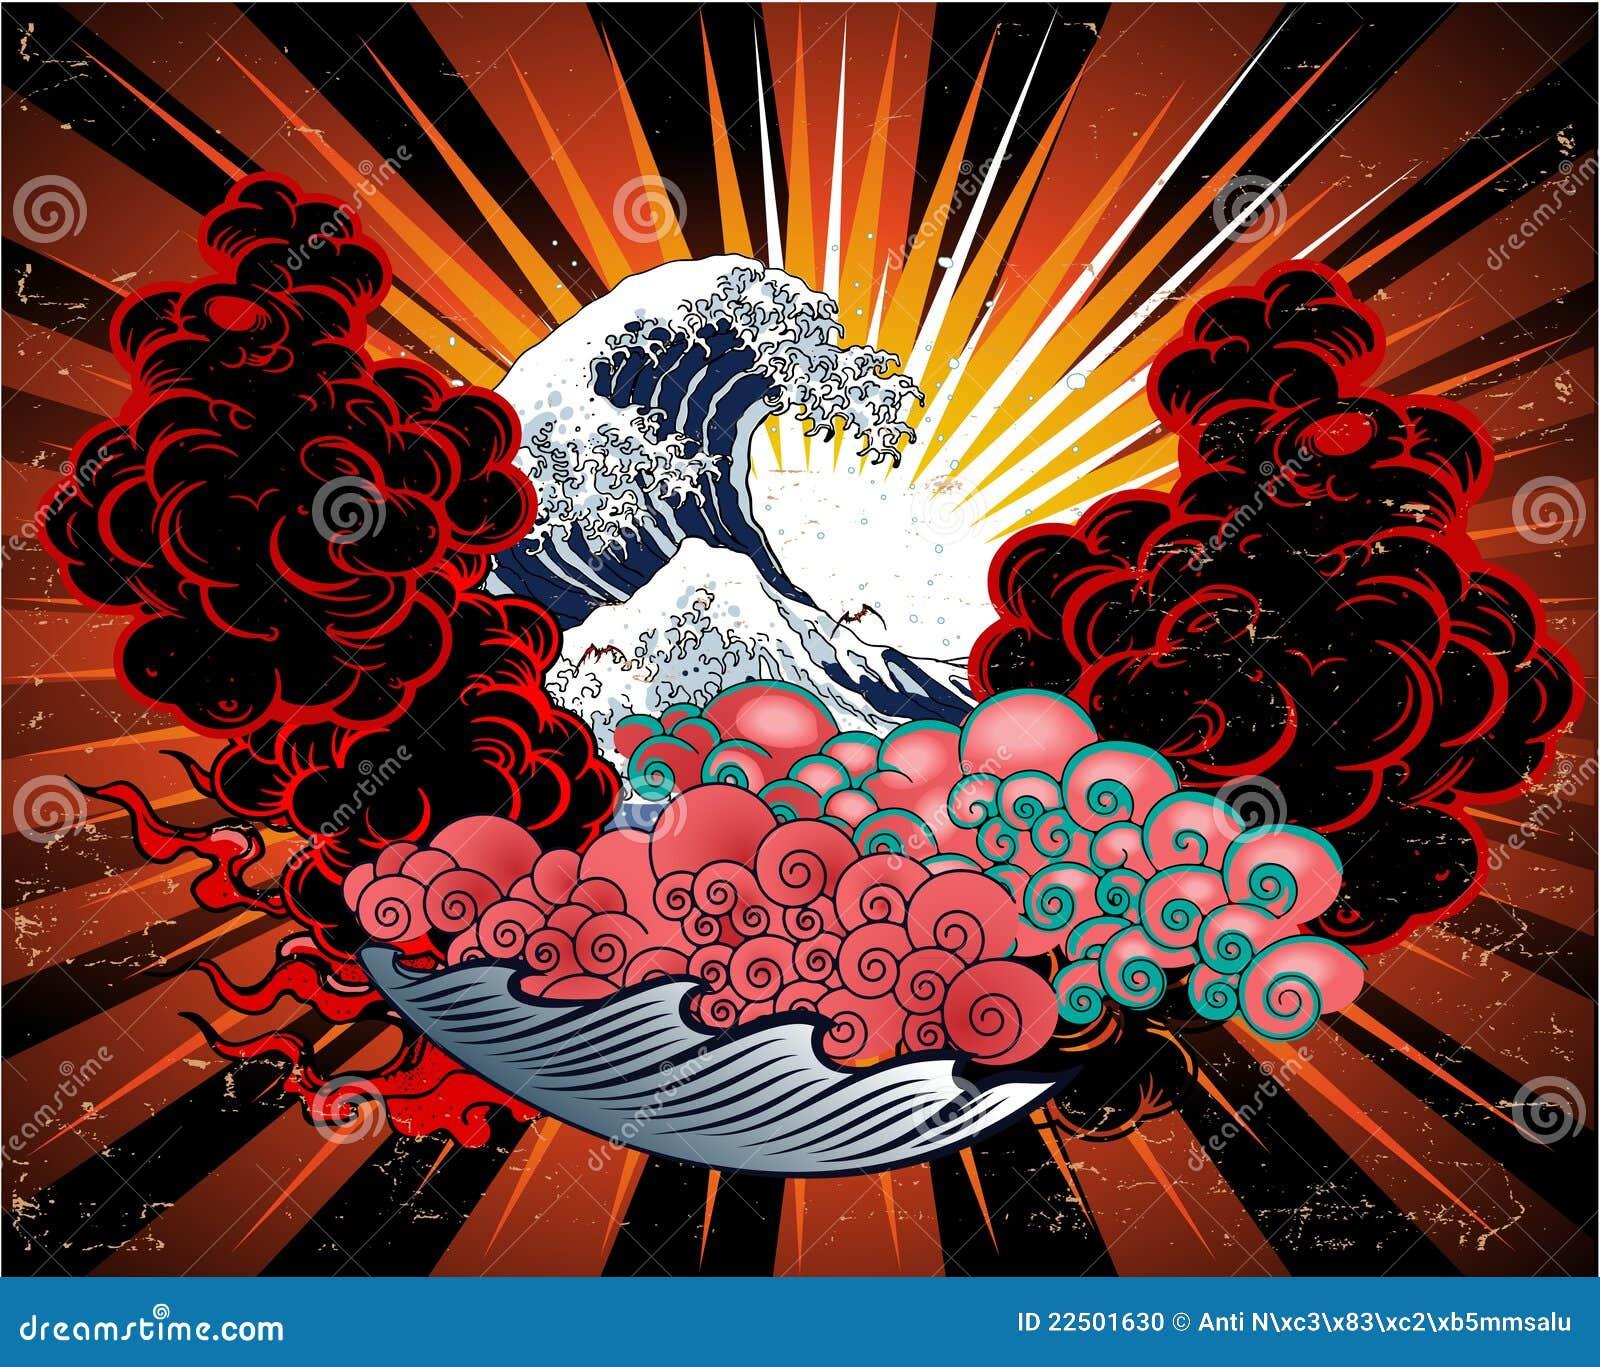 japanese tattoo design stock vector illustration of japan 22501630. Black Bedroom Furniture Sets. Home Design Ideas